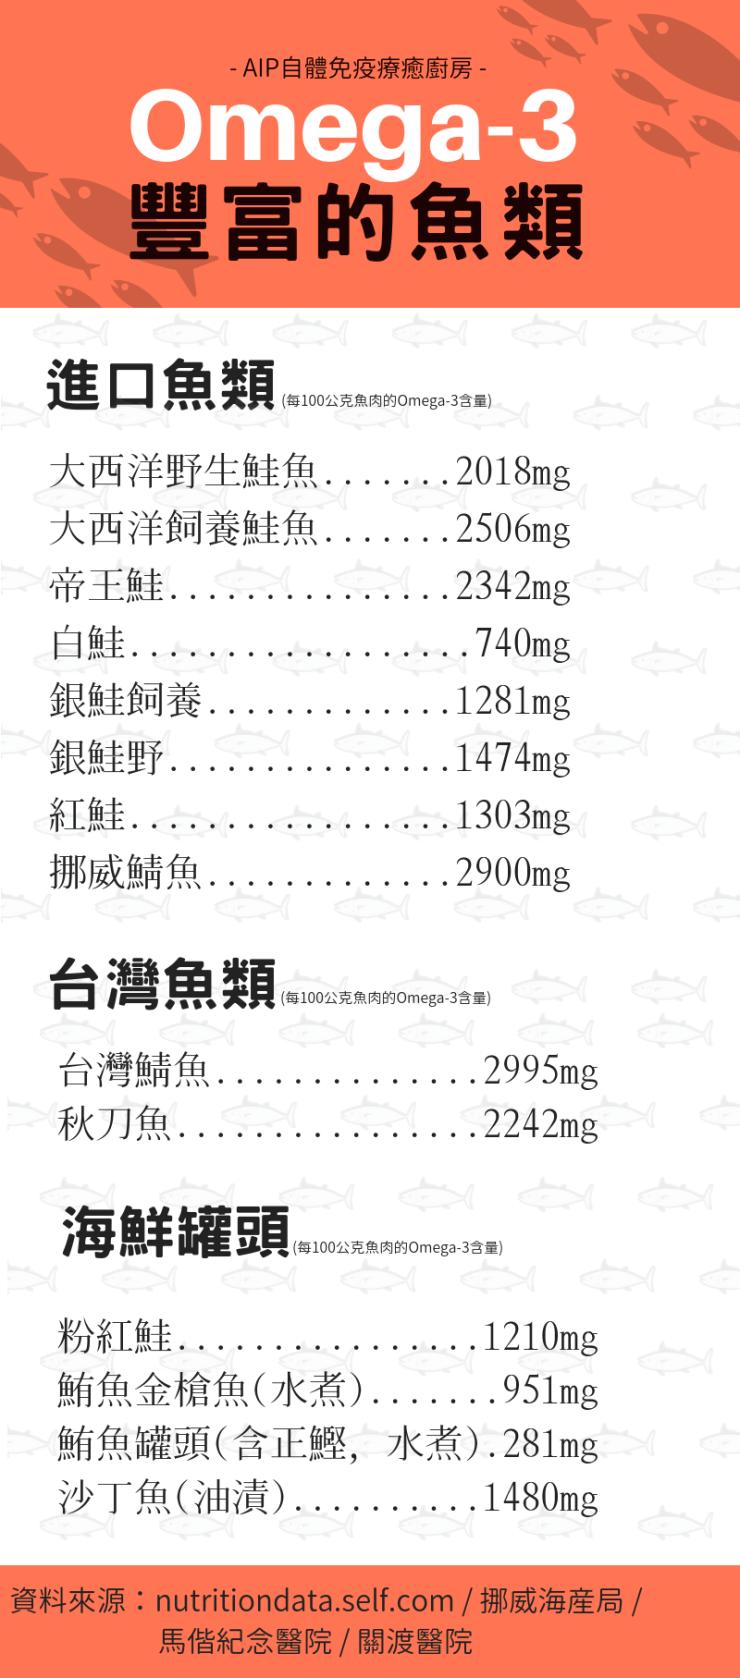 魚類omega-3含量